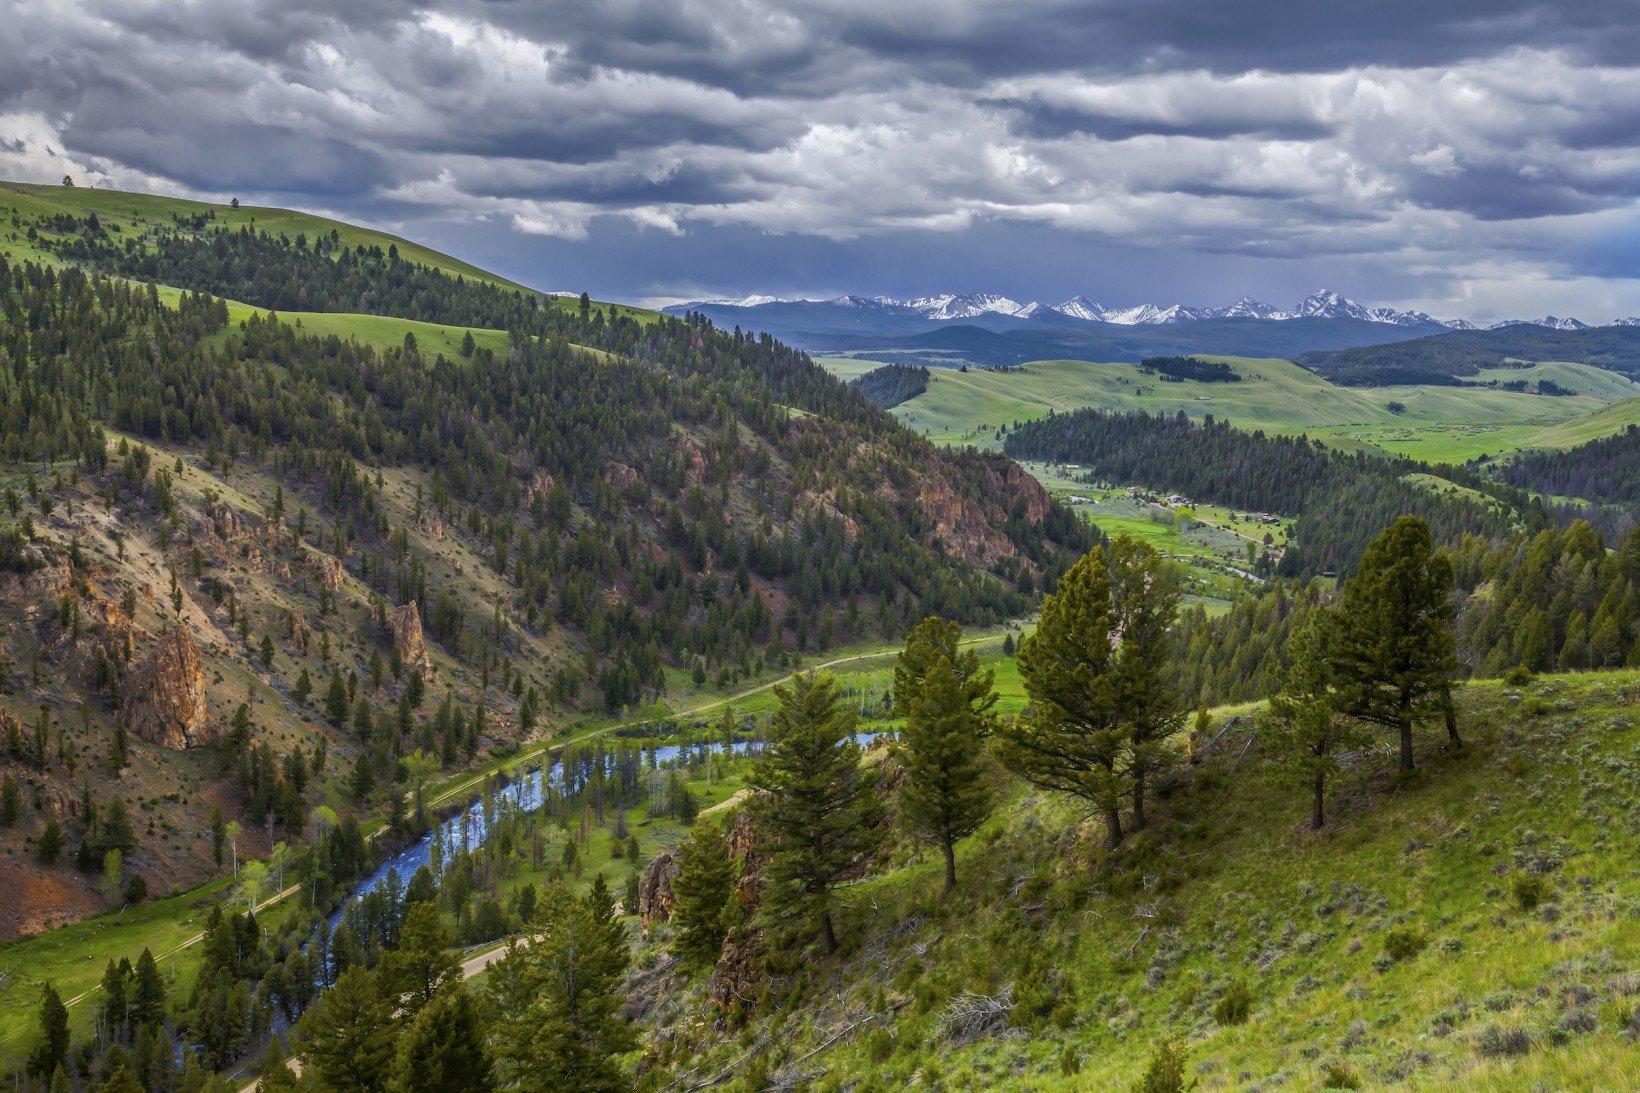 Blue Ribbon Rock Creek runs through the valley at The Ranch at Rock Creek.